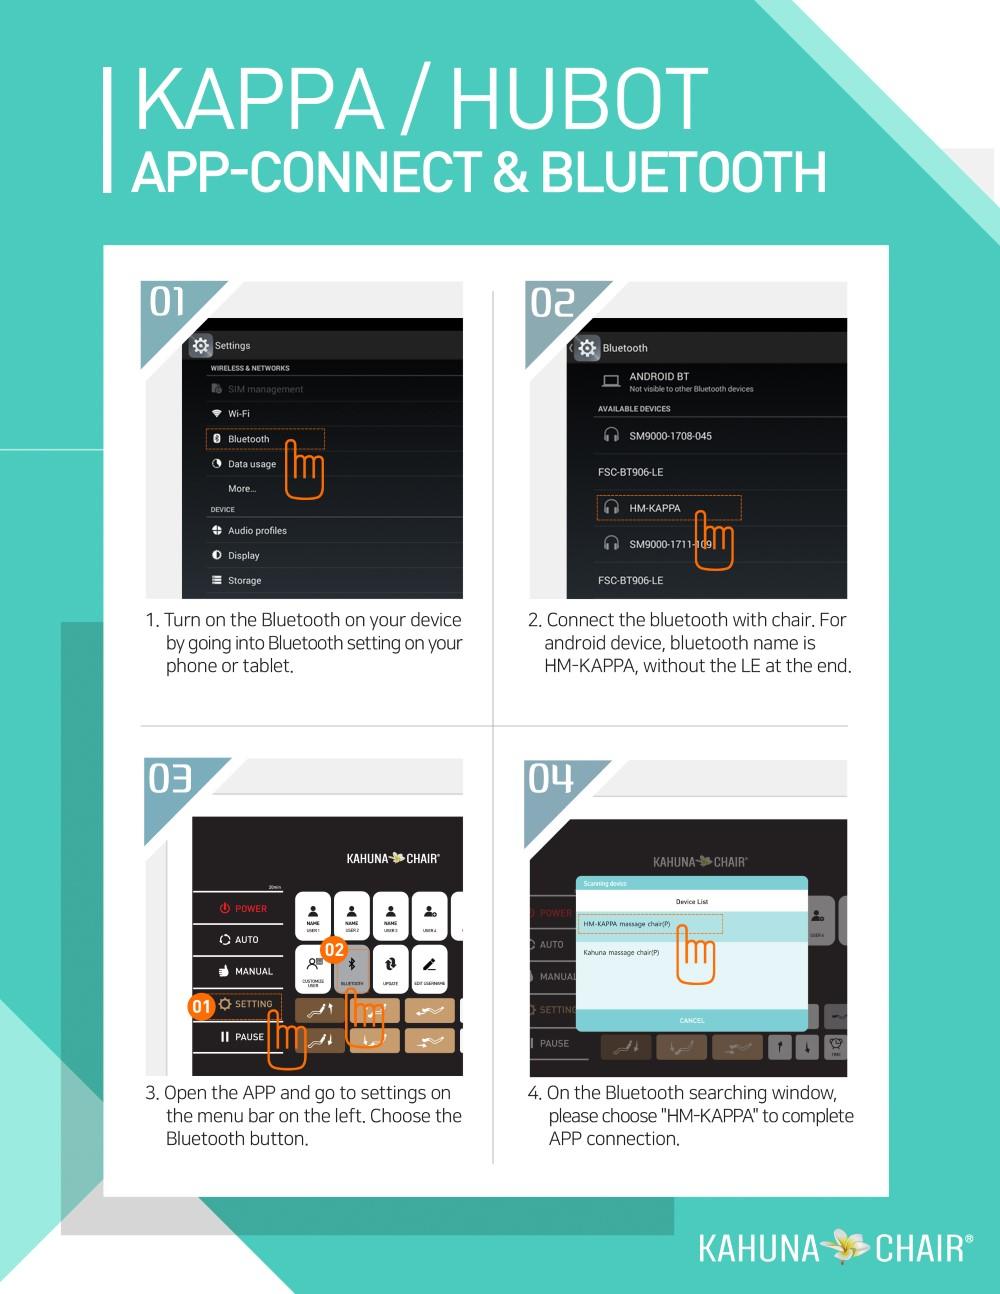 hubot-app-image.jpg